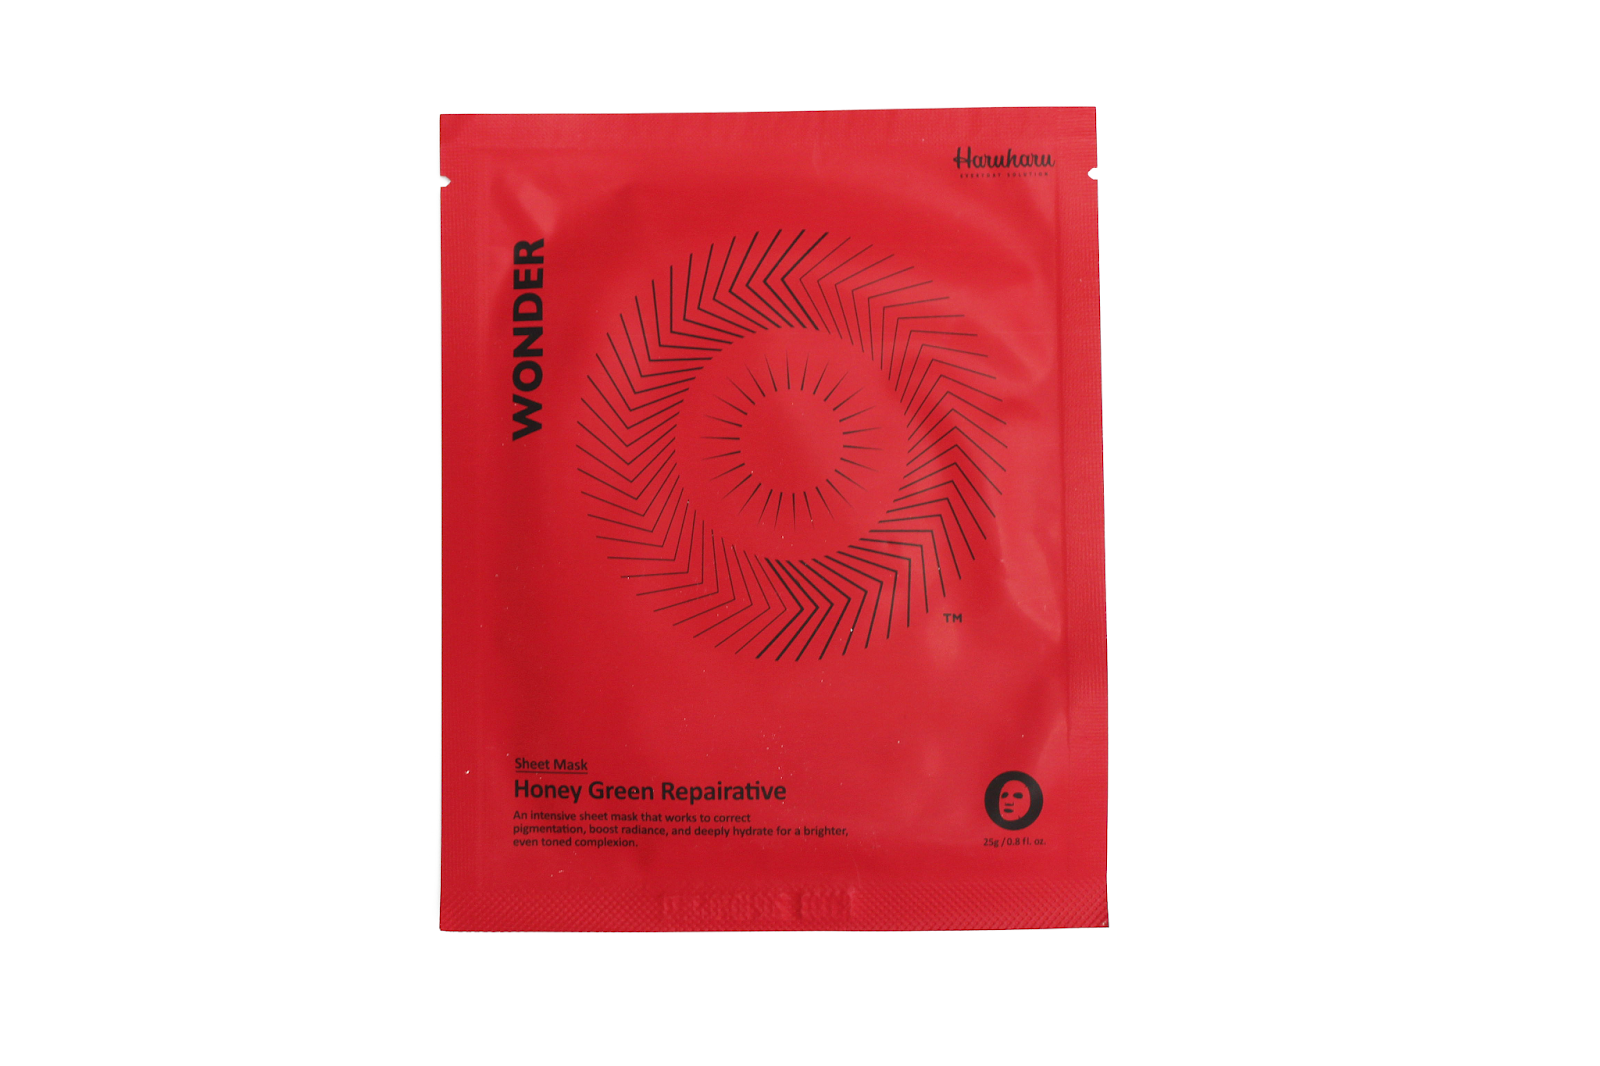 Haruharu, Wonder Starter Kit - Anti-Oxidant, Brilliant, Repairative, Aqua Bomb - Zestaw startowy zawierający cztery różne maski w płachcie